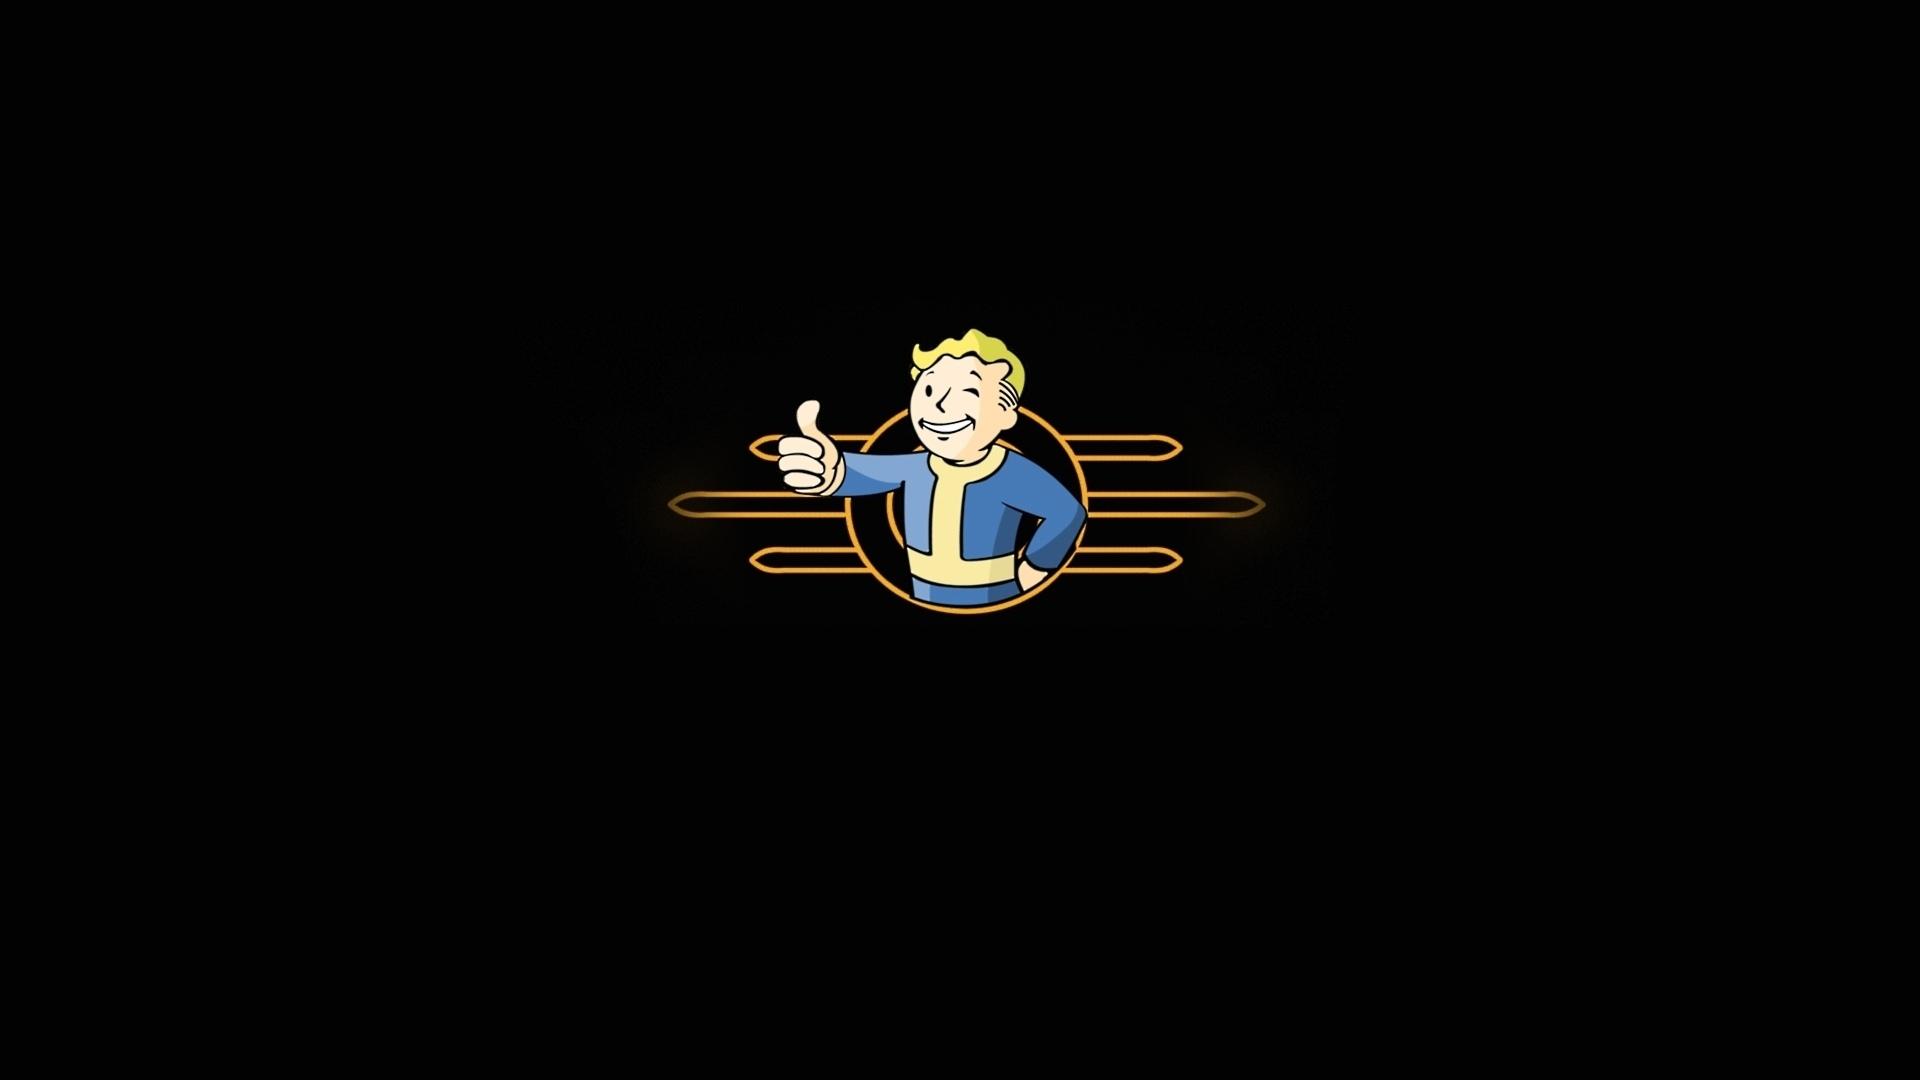 Fallout Vault Logo Fallout 3 Vault Boy Wallpaper 1920x1080